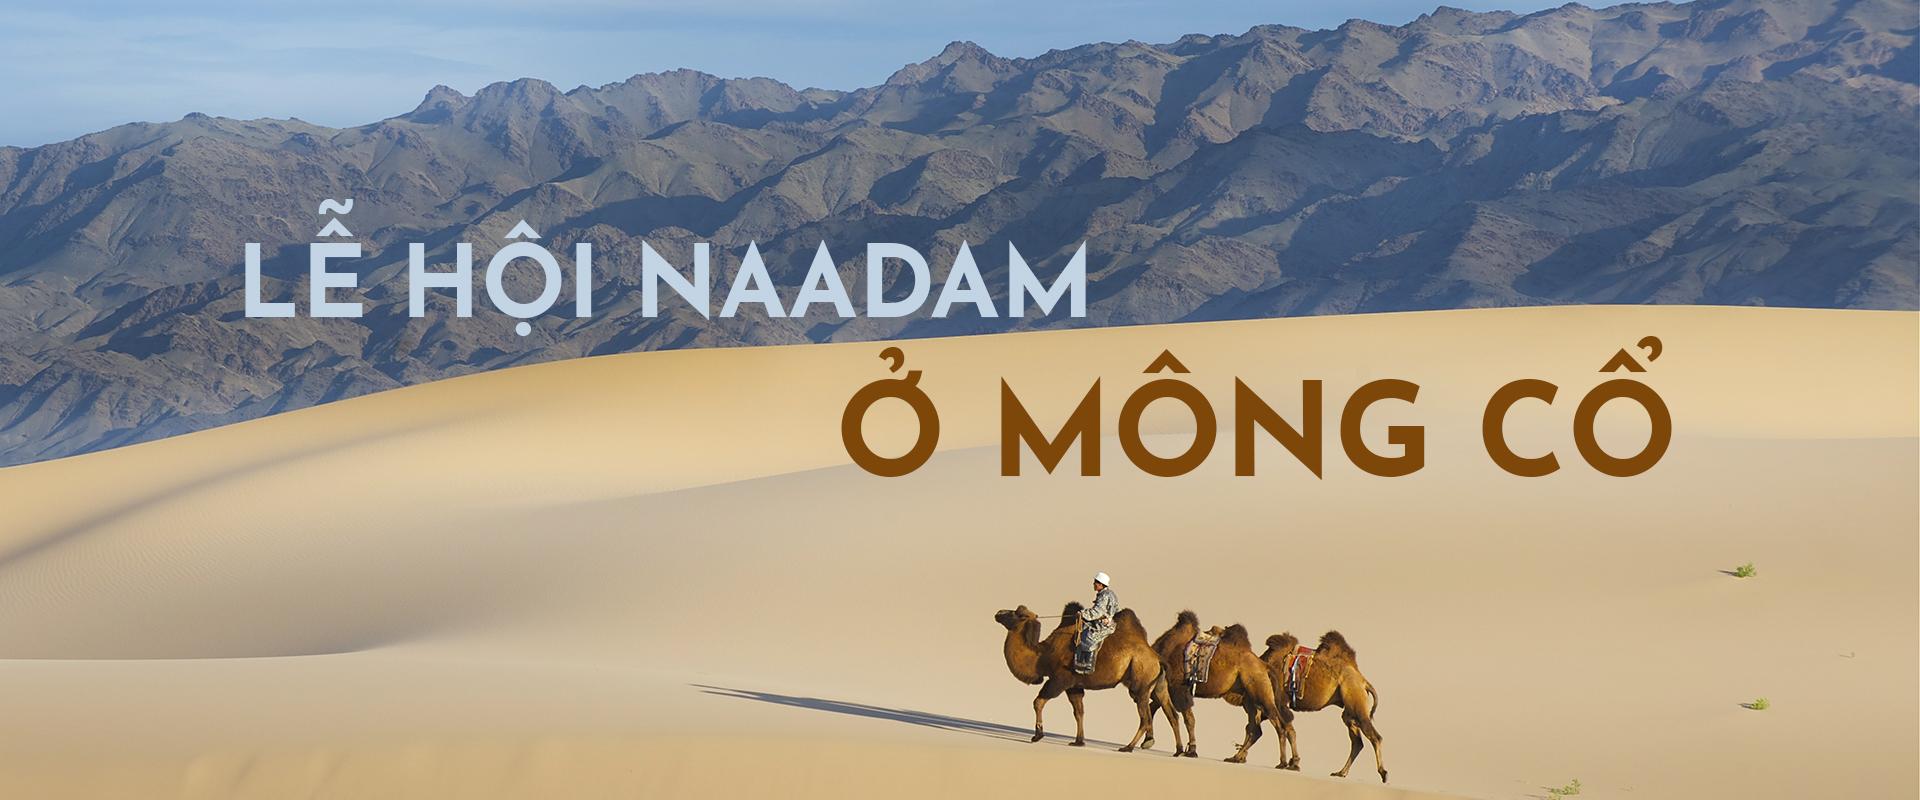 Đi du lịch Mông Cổ: Khám phá lễ hội Naadam